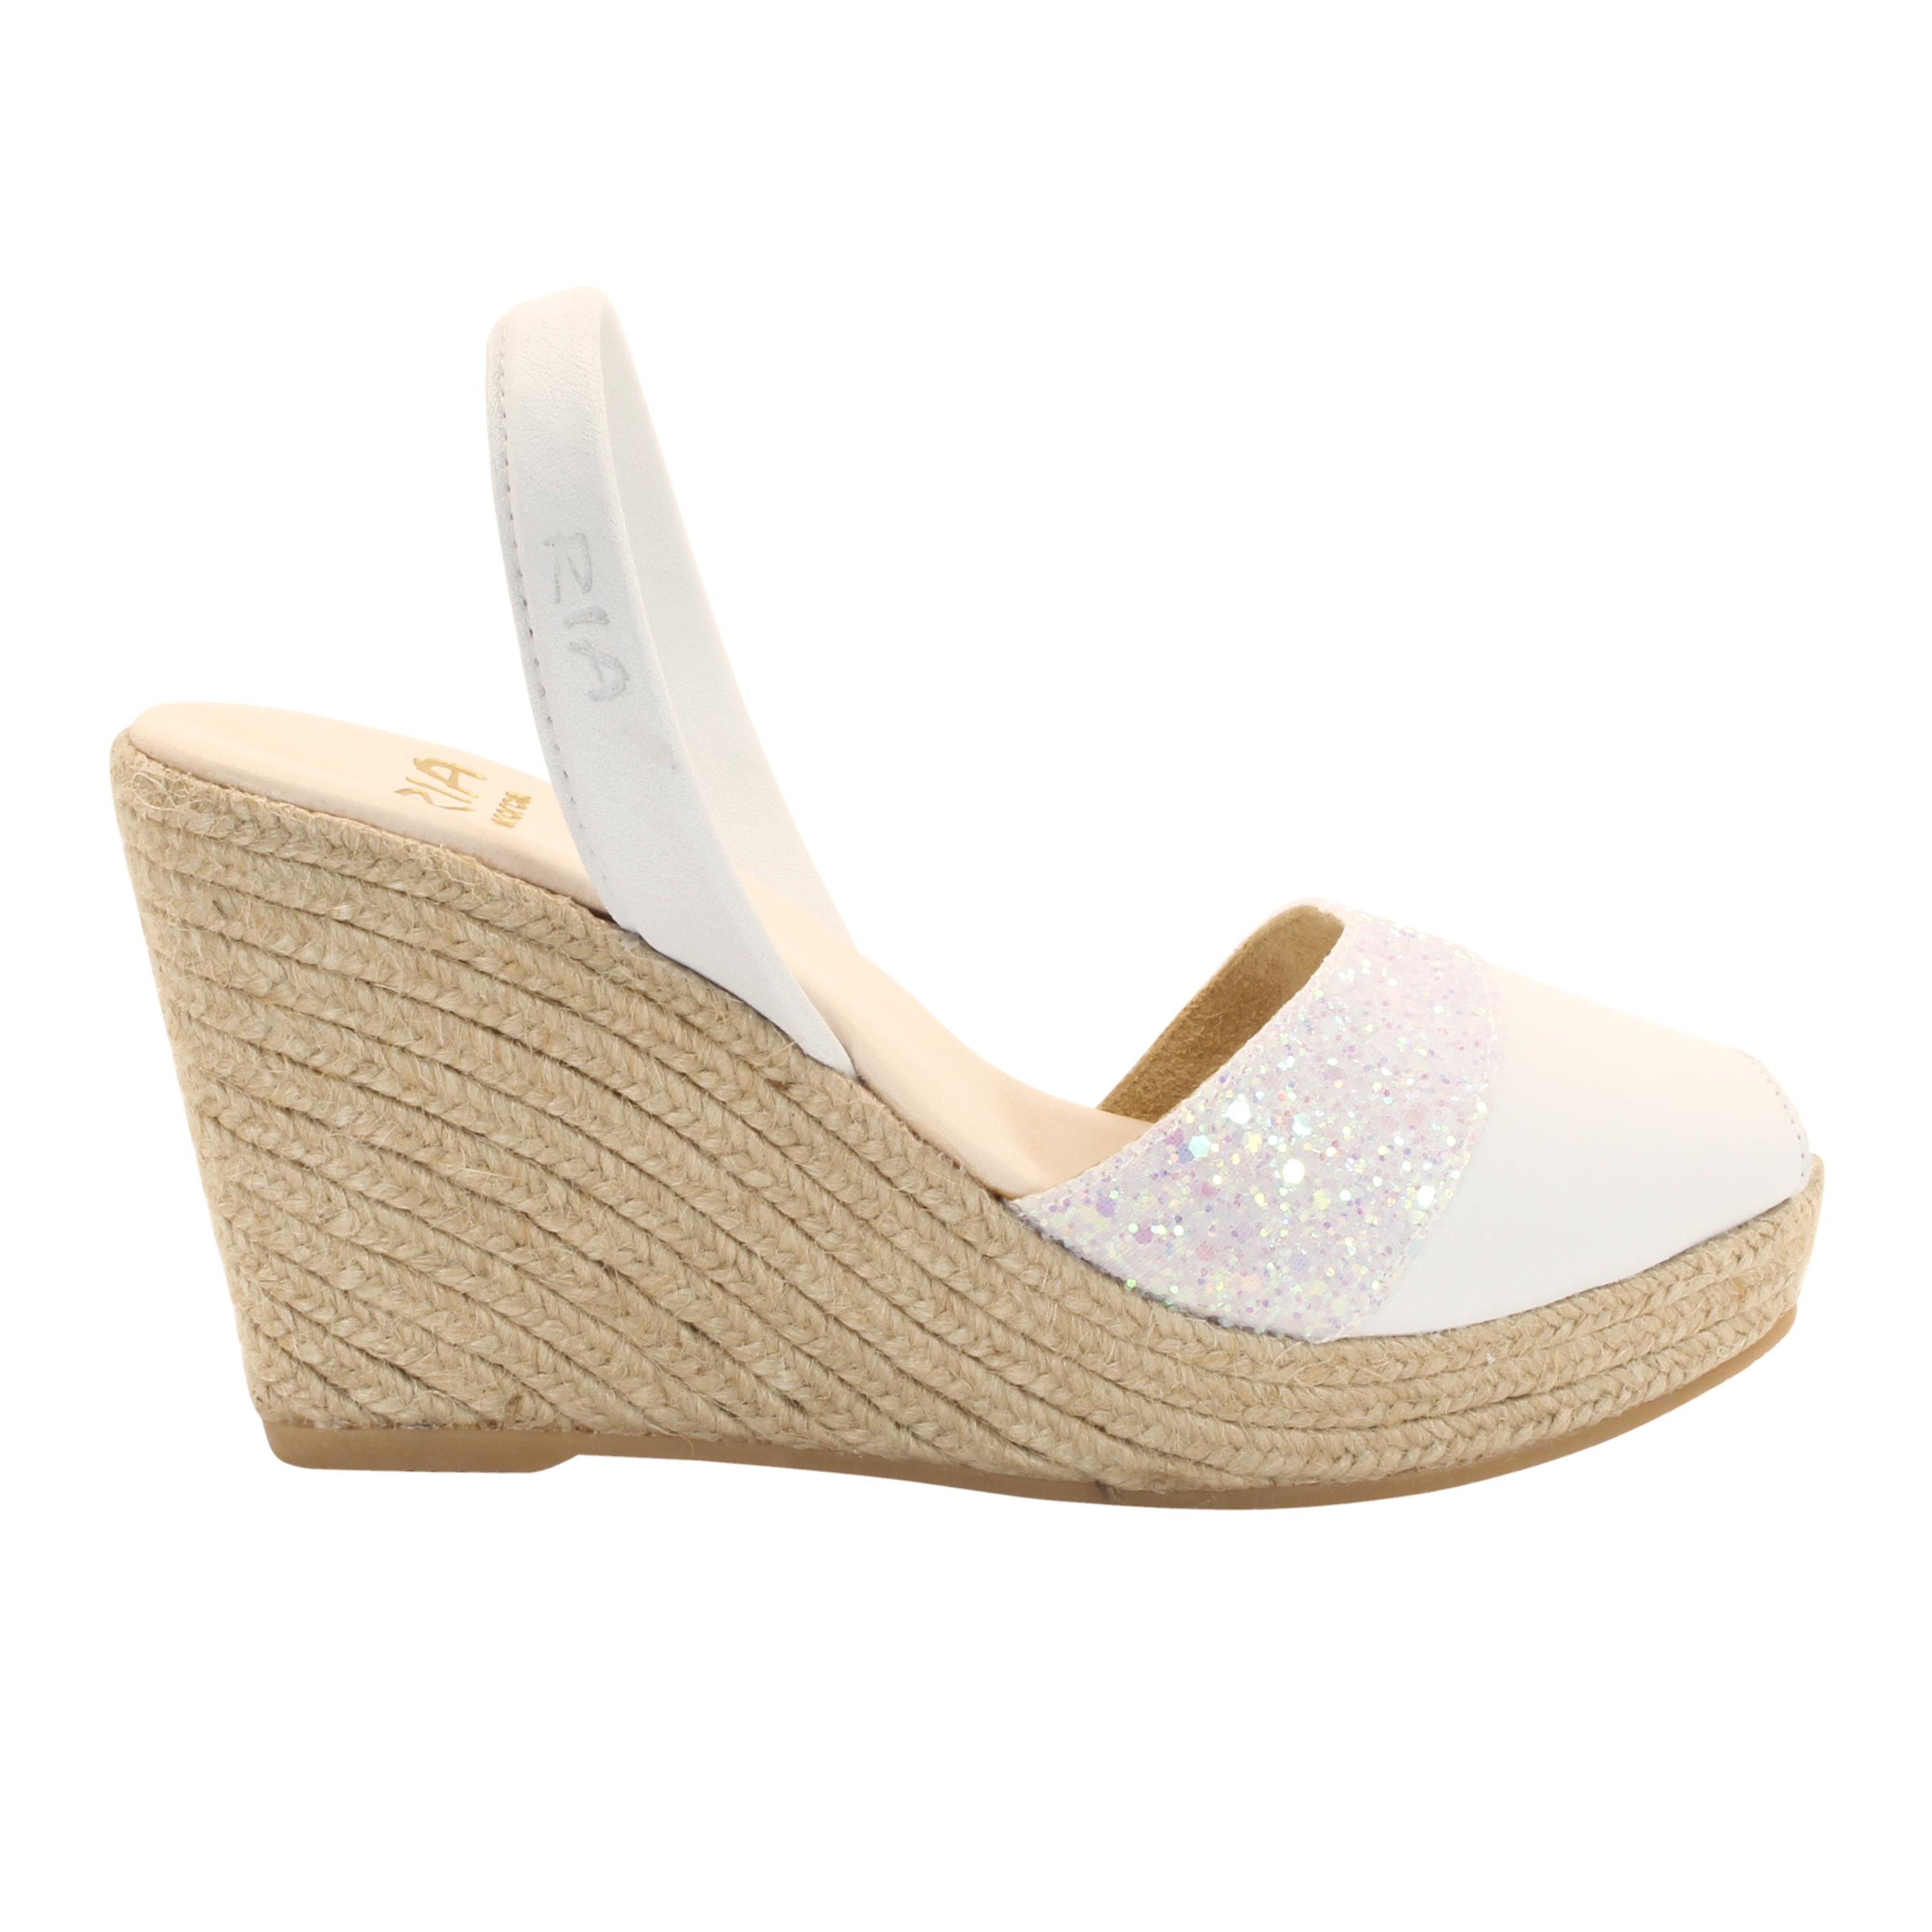 Las avarcas de Menorca, el zapato estrella de la temporada. Cómpralas en la tienda online VENTAJON.